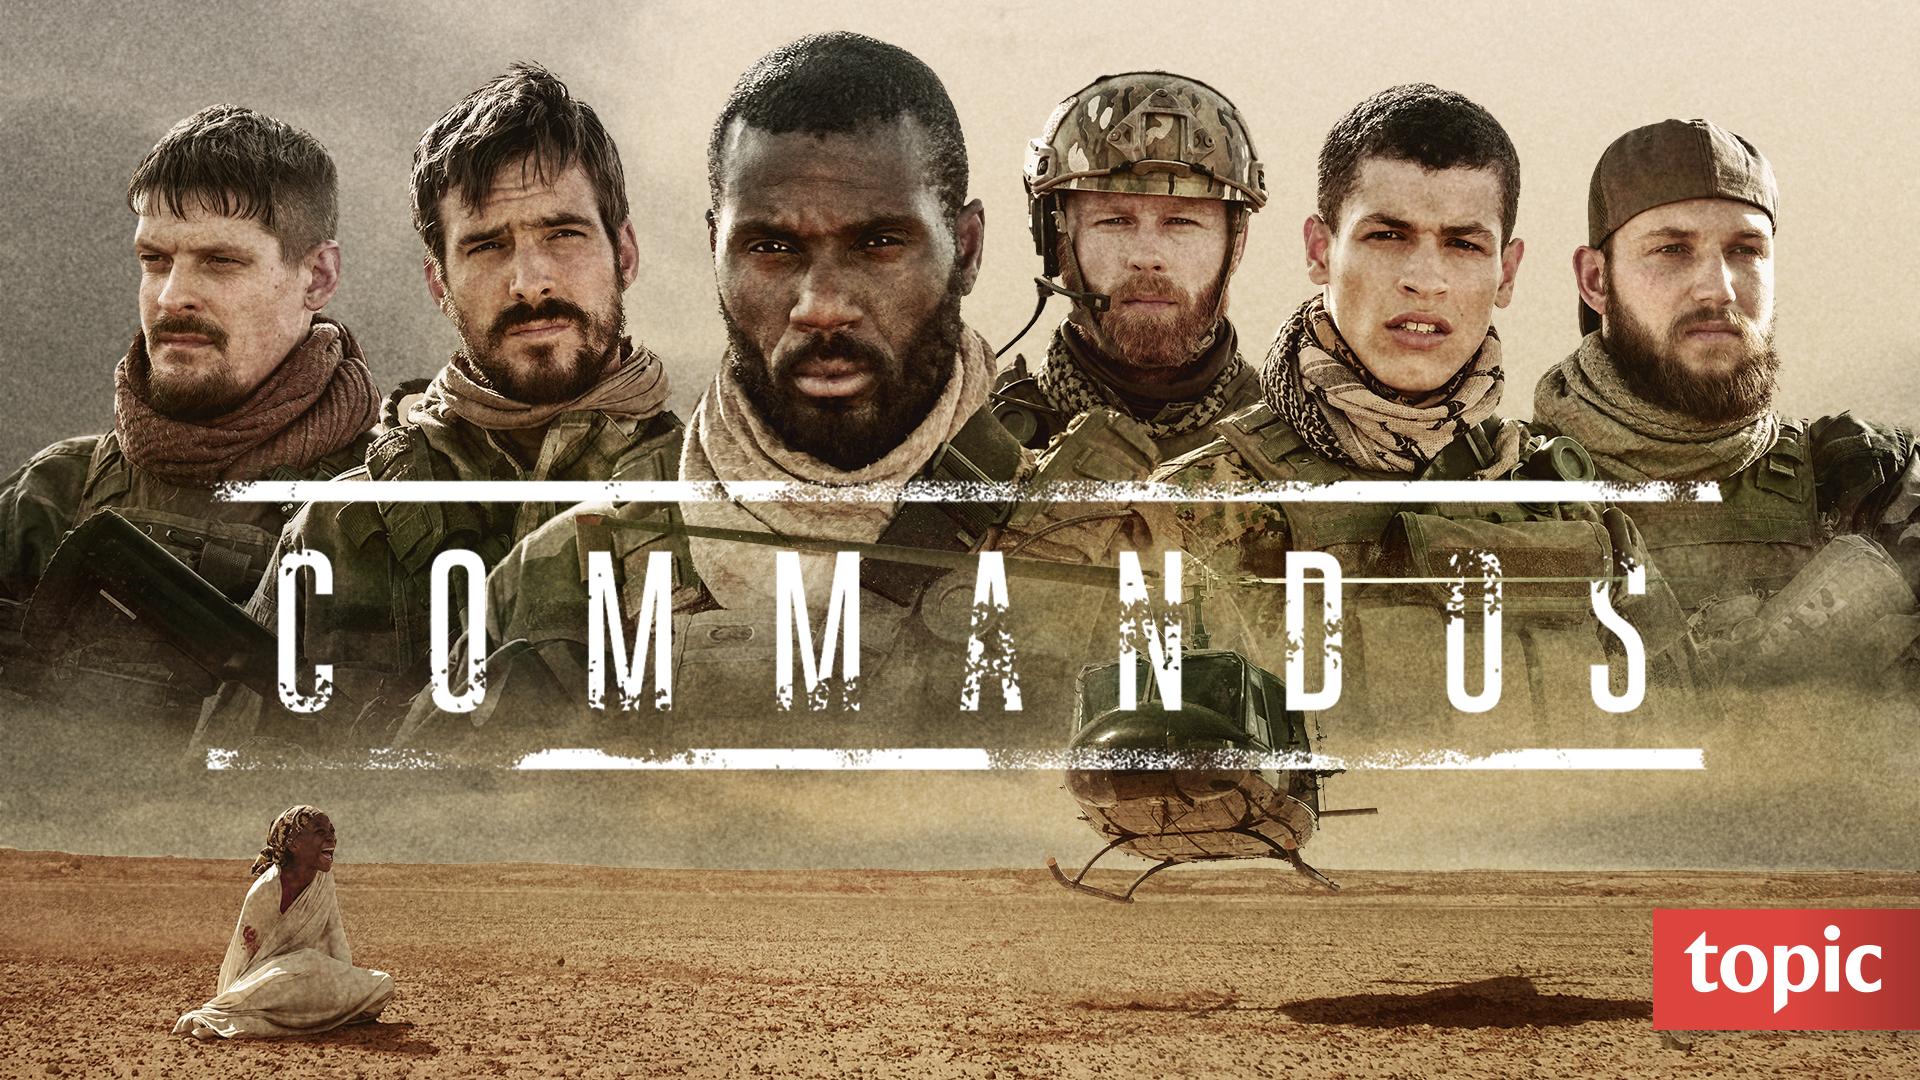 Commandos Season 1